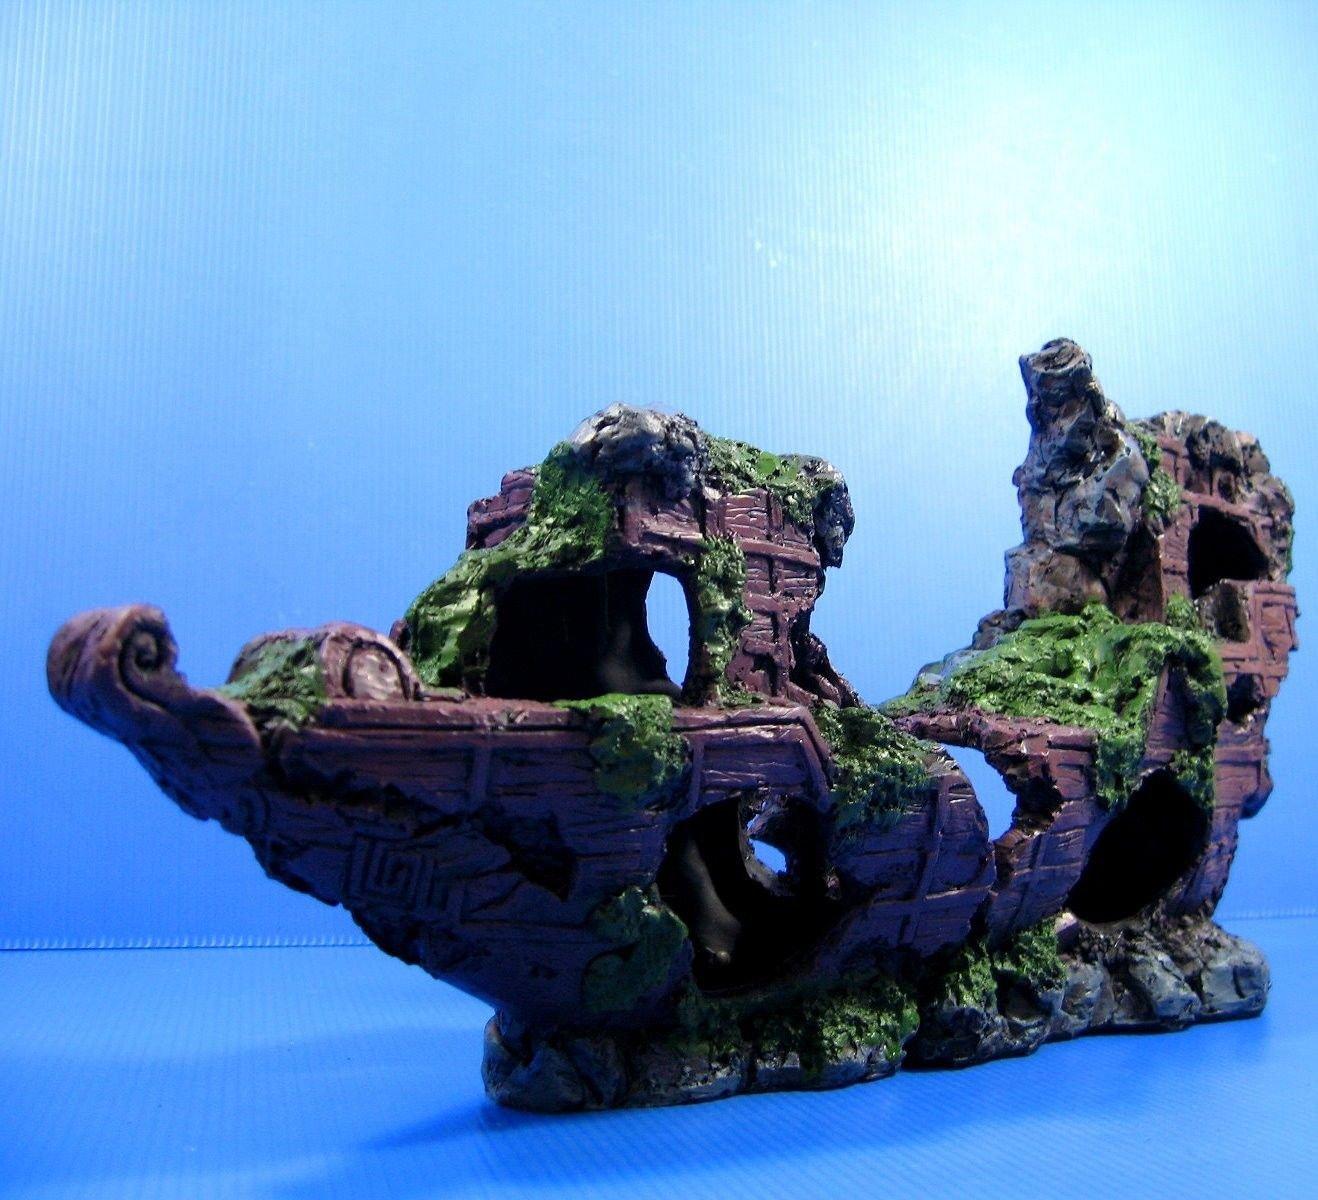 Sunken Ship-wreck 16.9''x3.9''x7.6'' Aquarium Ornament Decor boat Ancient ship cave